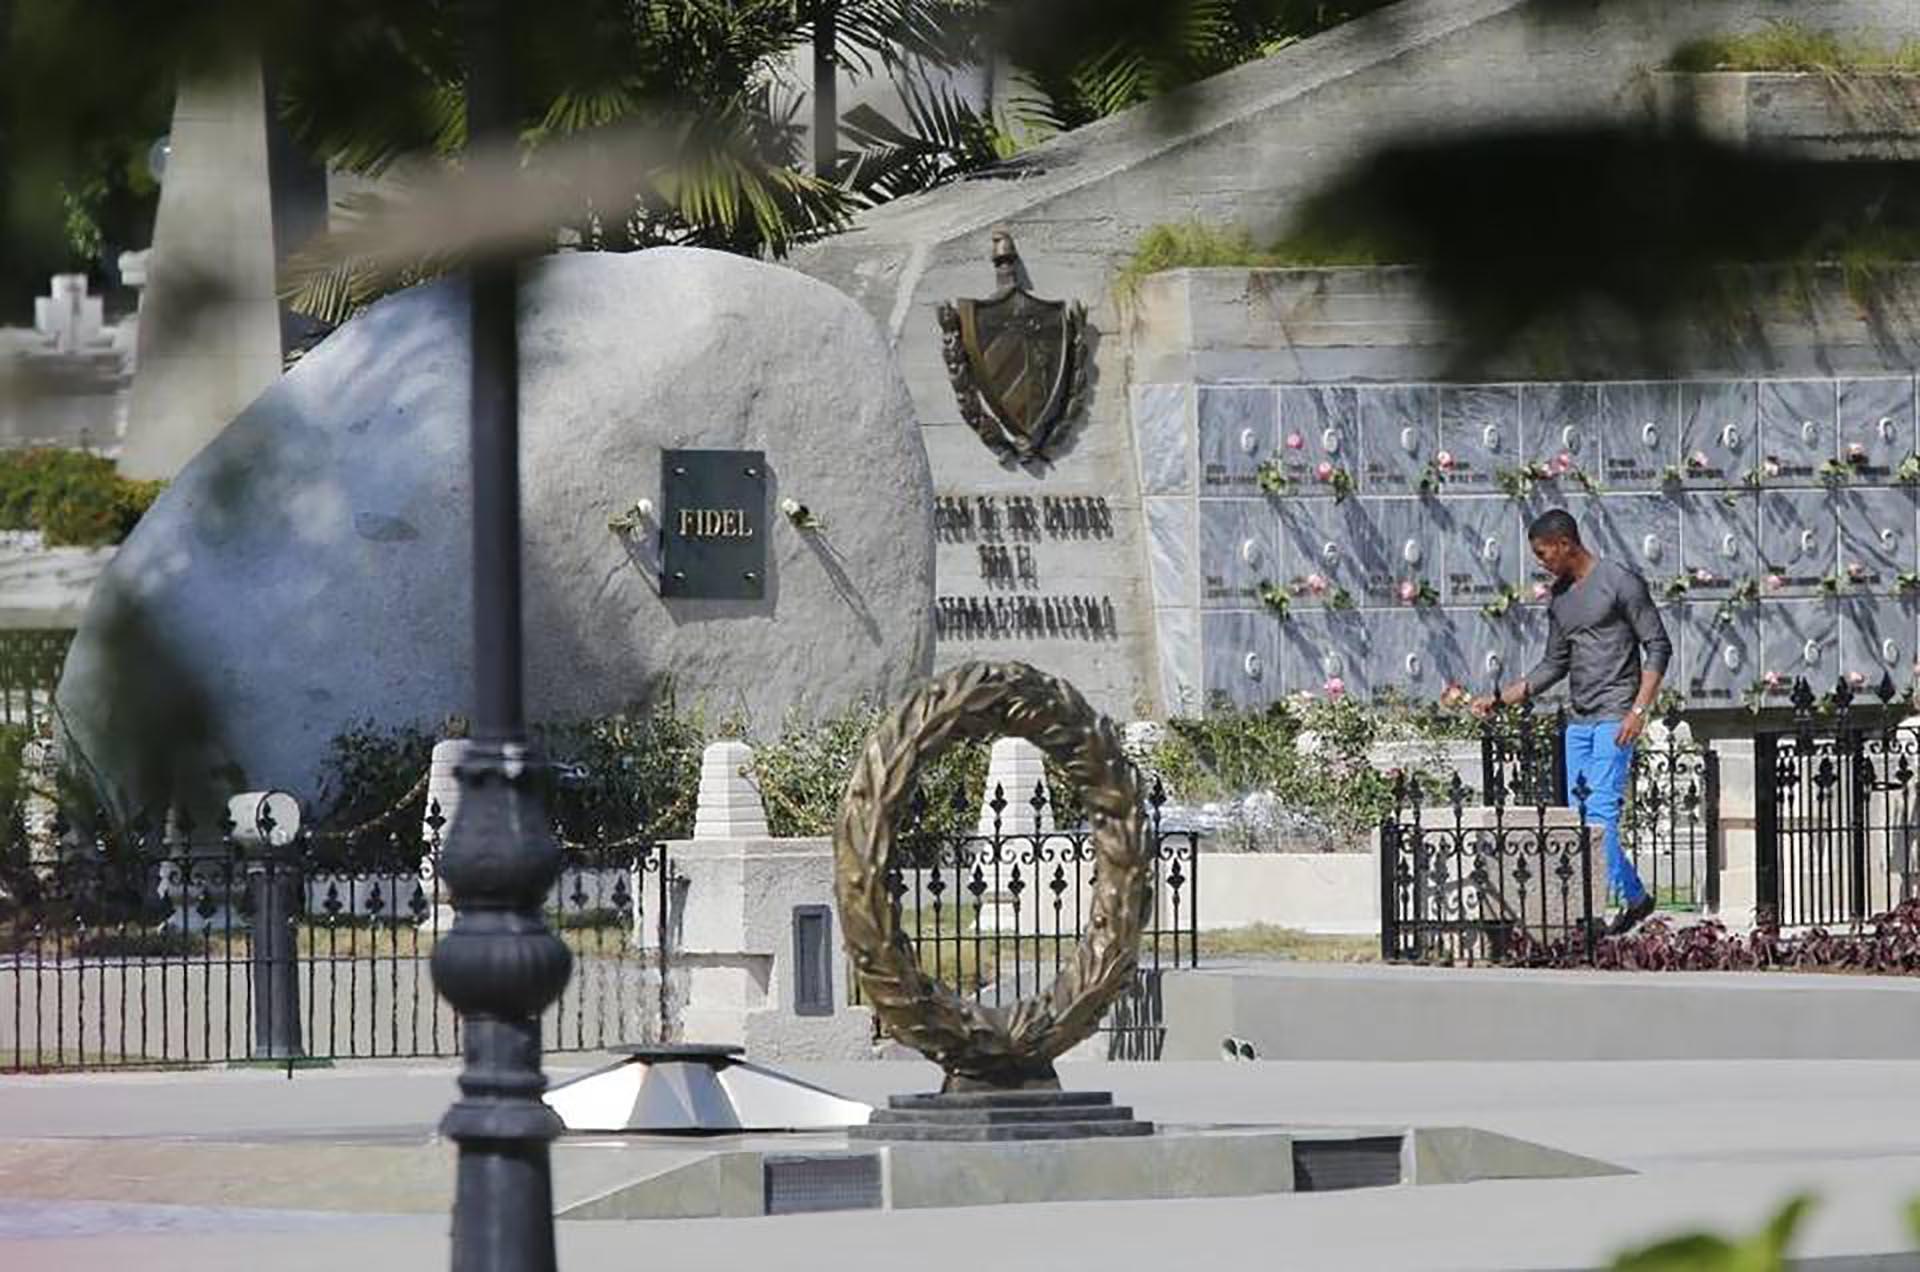 La ceremonia se realizó en el cementerio de Santa Ifigenia (miamiherald)